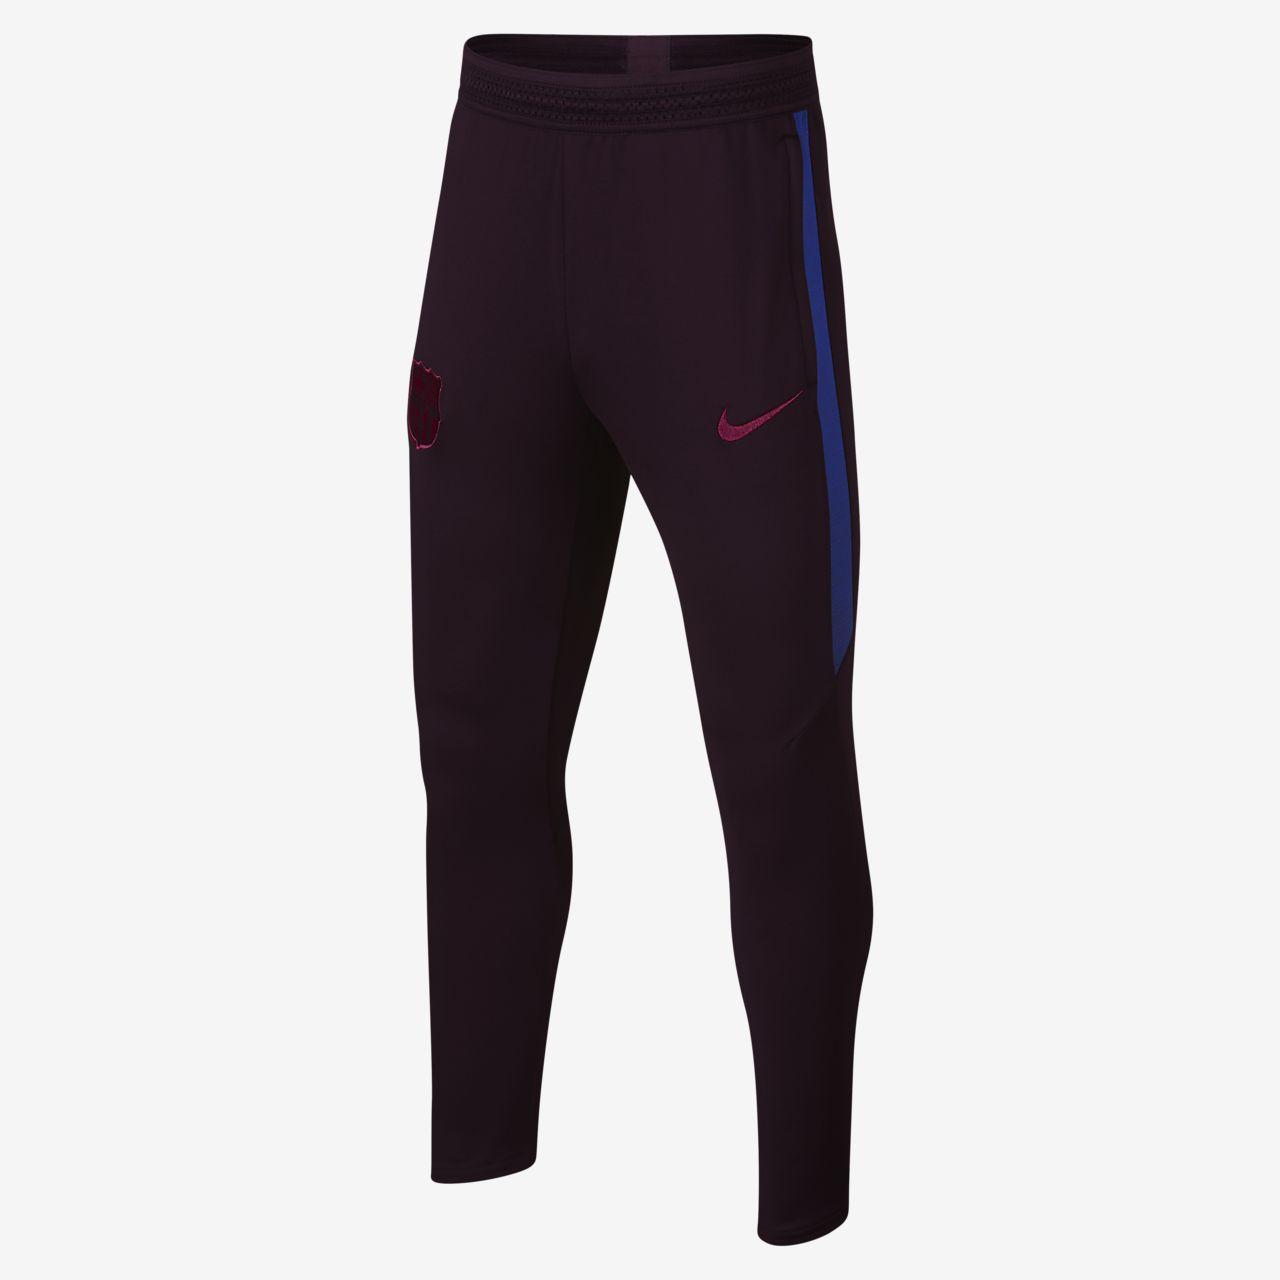 Spodnie piłkarskie dla dużych dzieci Nike Dri-FIT FC Barcelona Strike